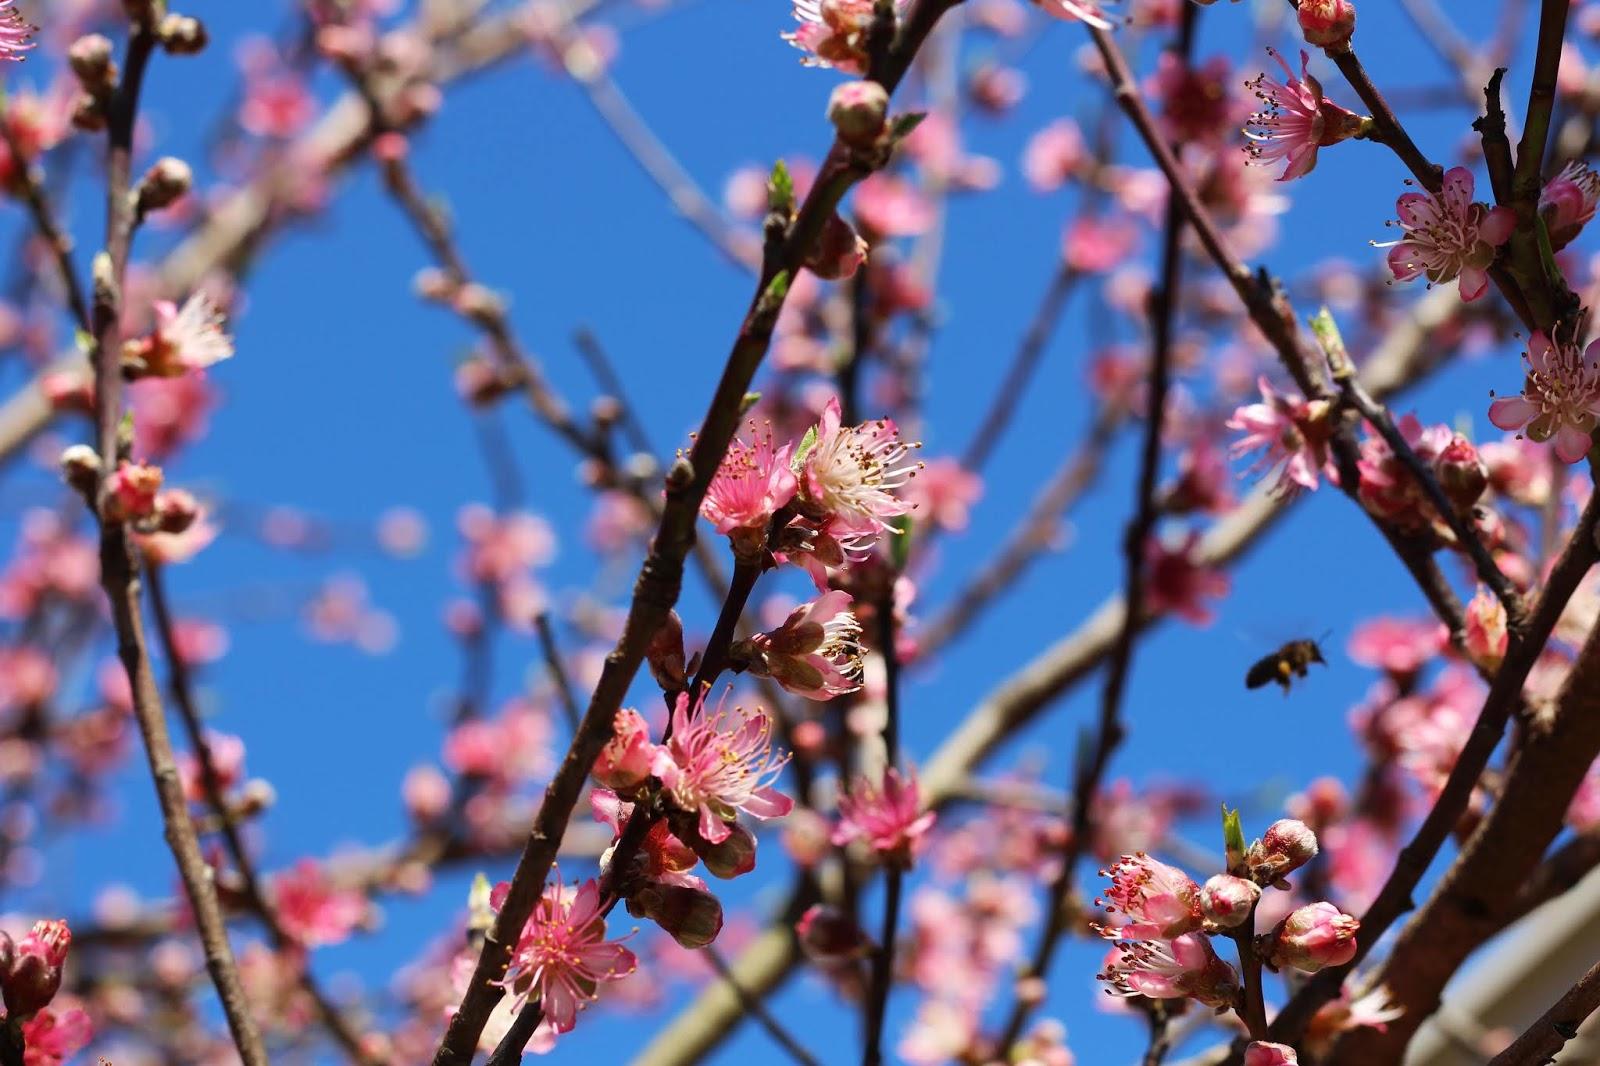 flores com uma abelha